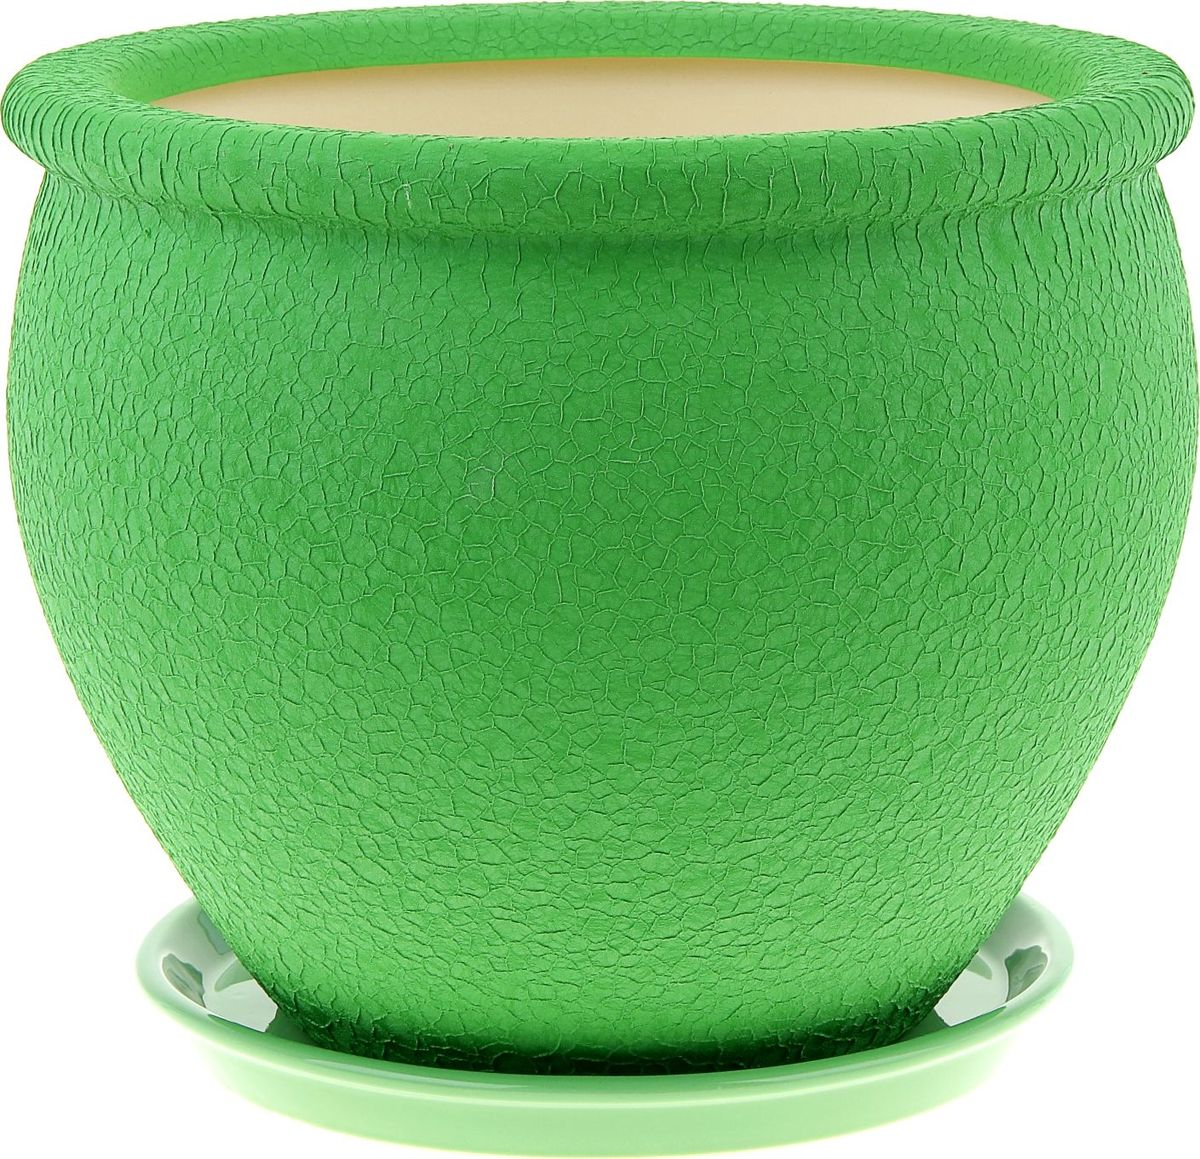 Кашпо Керамика ручной работы Вьетнам, цвет: зеленый, 10 л834Комнатные растения — всеобщие любимцы. Они радуют глаз, насыщают помещение кислородом и украшают пространство. Каждому из них необходим свой удобный и красивый дом. Кашпо из керамики прекрасно подходят для высадки растений: за счет пластичности глины и разных способов обработки существует великое множество форм и дизайнов пористый материал позволяет испаряться лишней влаге воздух, необходимый для дыхания корней, проникает сквозь керамические стенки! позаботится о зеленом питомце, освежит интерьер и подчеркнет его стиль.